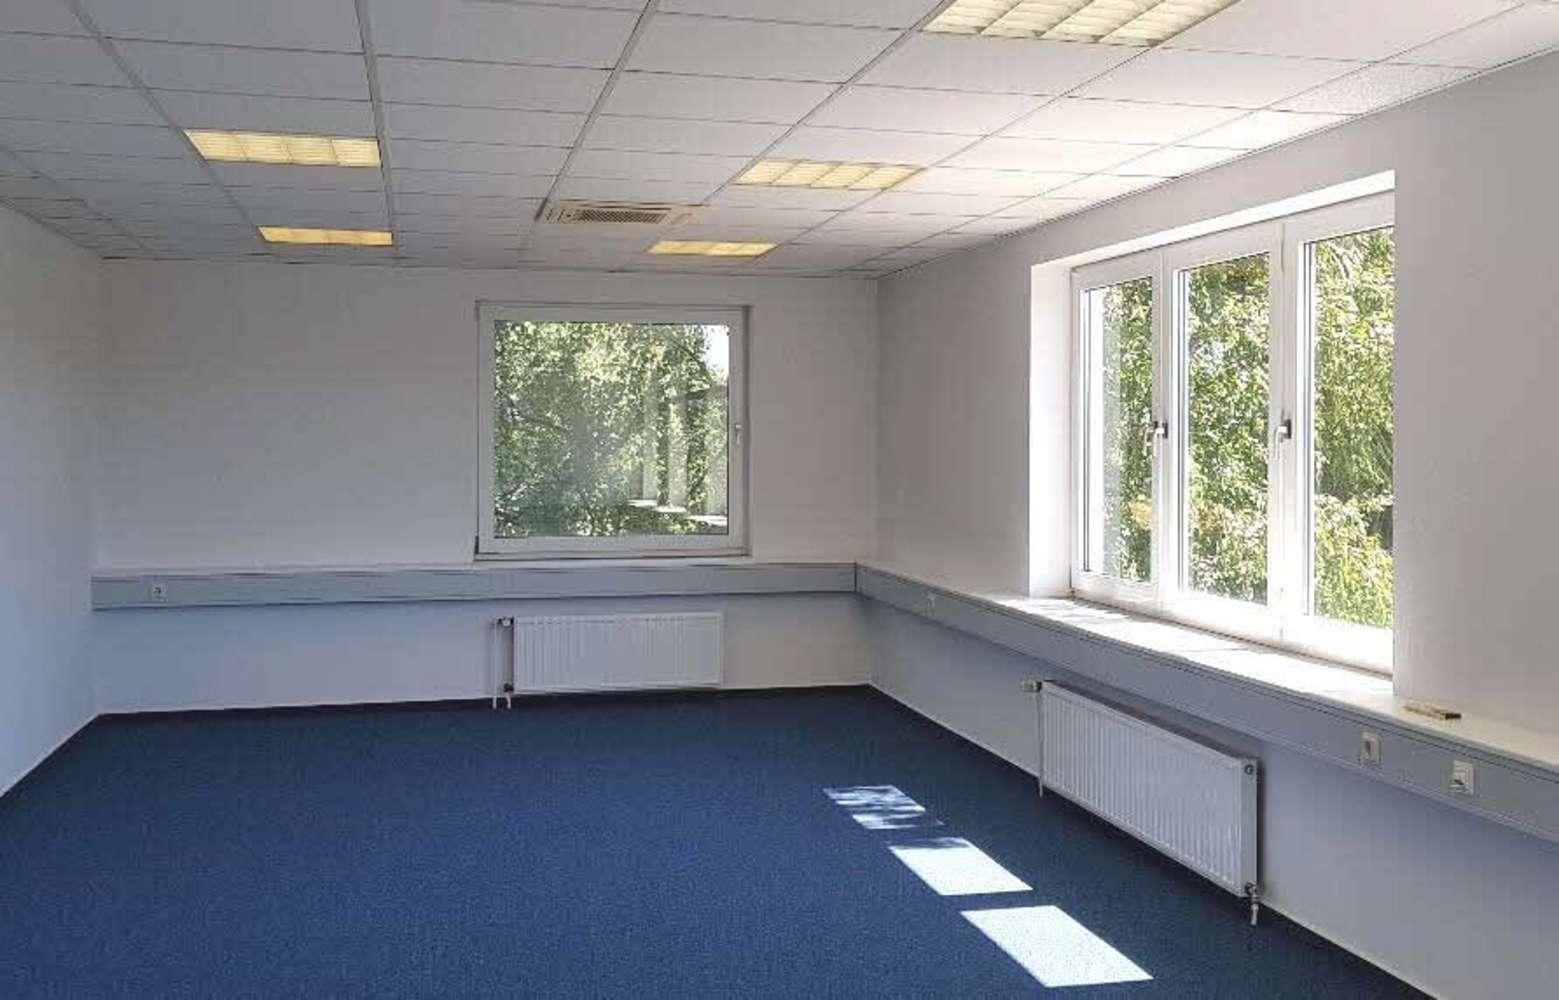 Büros Langenhagen, 30851 - Büro - Langenhagen, Alt-Langenhagen - H1395 - 9589863